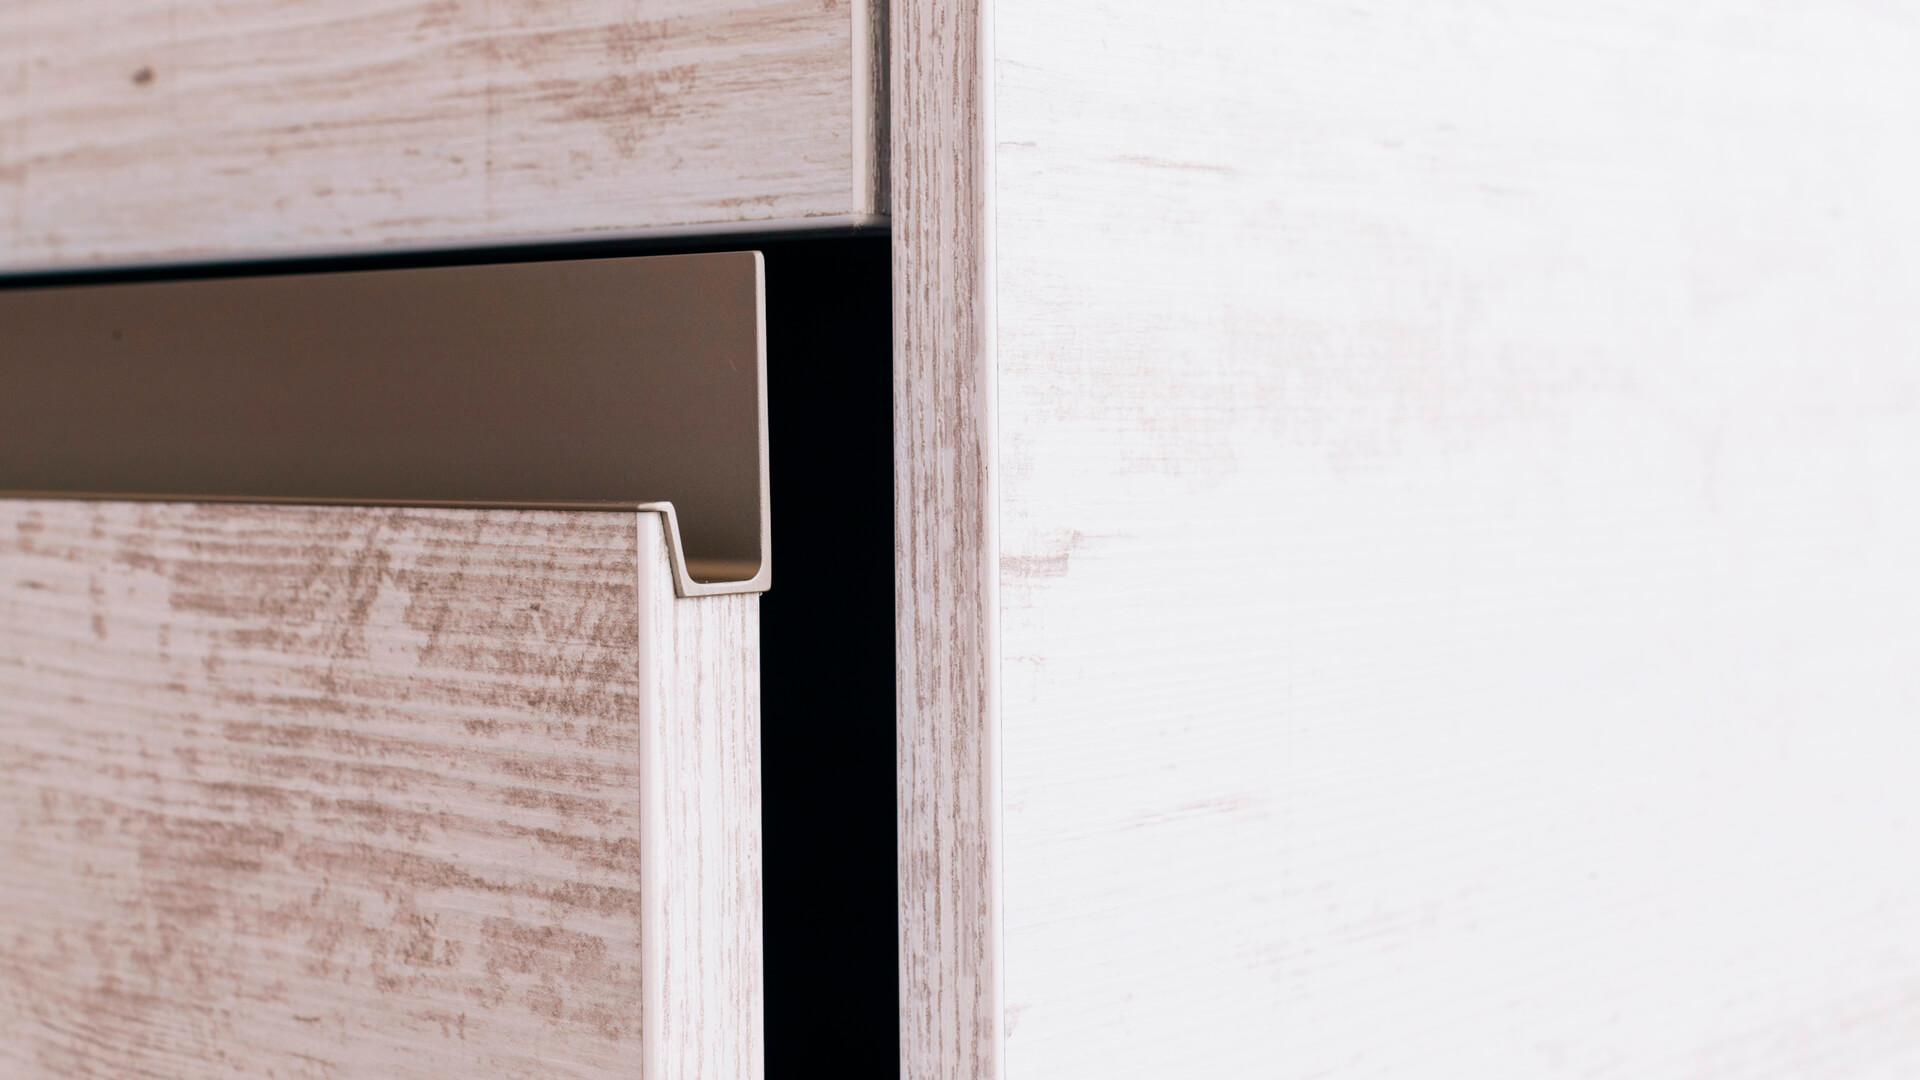 Full Size of Küchenschrank Griffe Ffnungssysteme Fr Ihre Kche Ratiomat Küche Möbelgriffe Wohnzimmer Küchenschrank Griffe